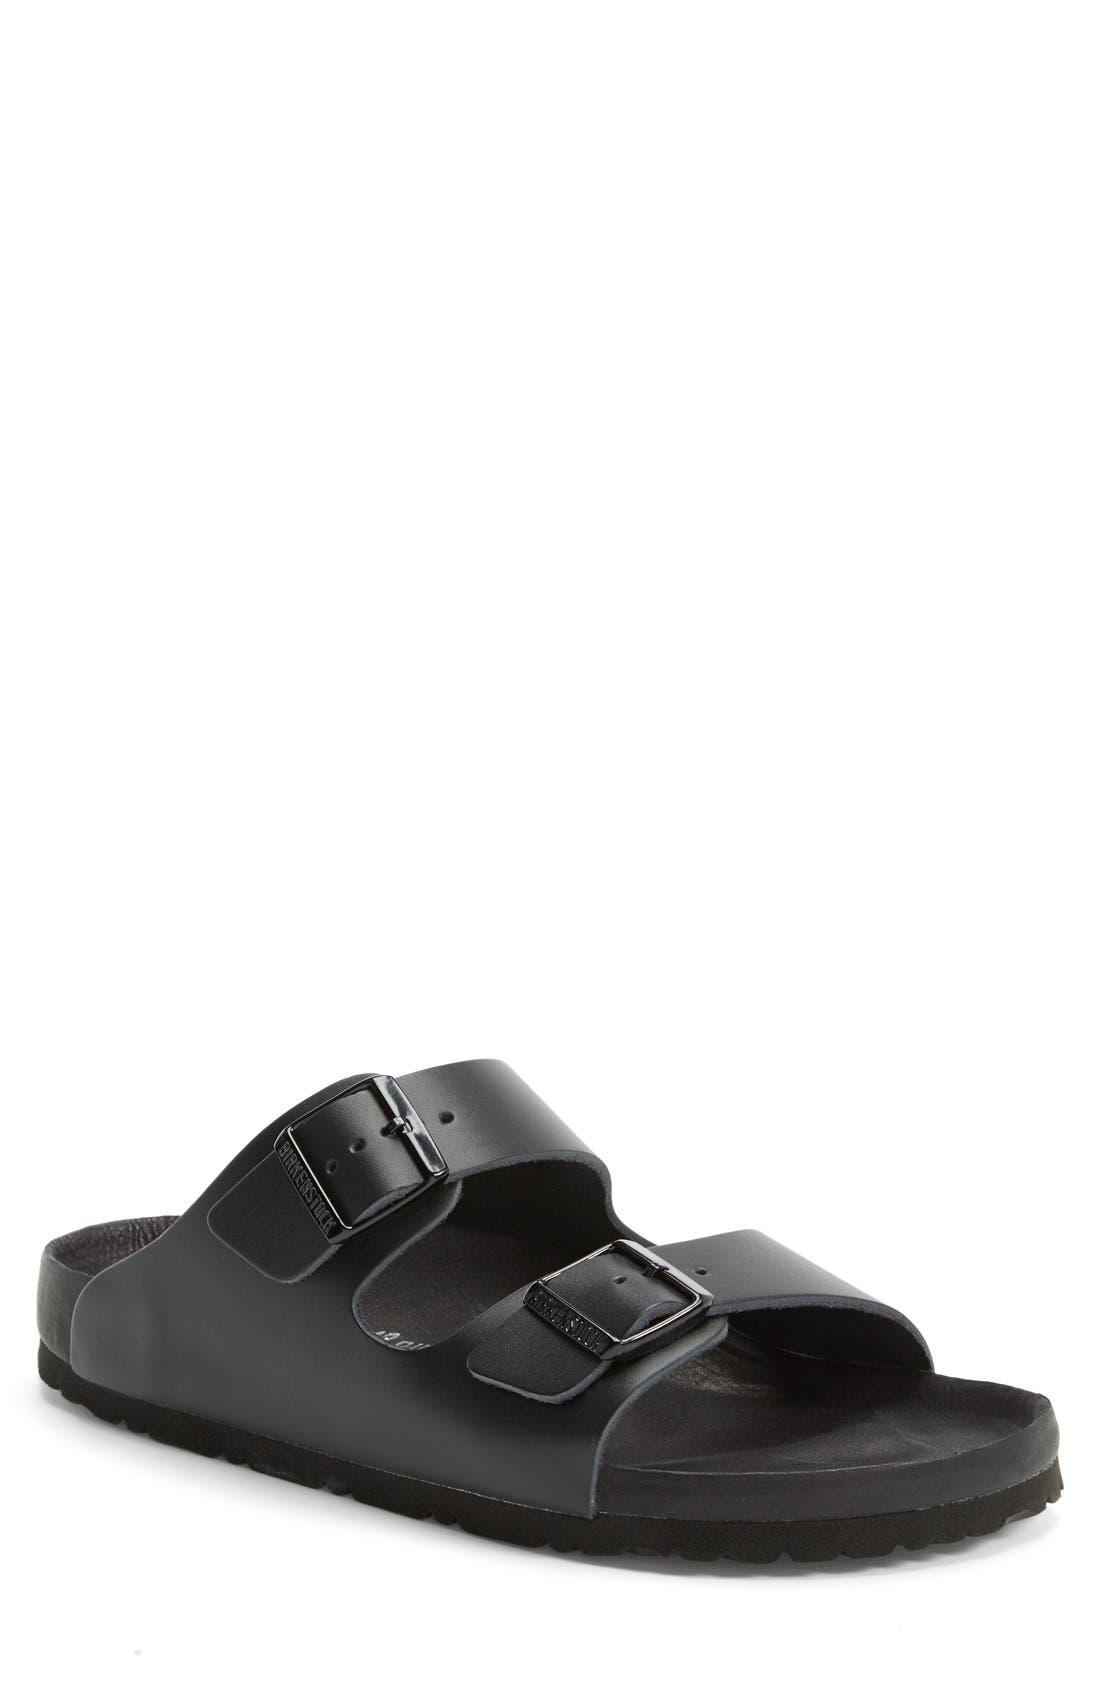 Monterey Leather Slide Sandal,                         Main,                         color, 001